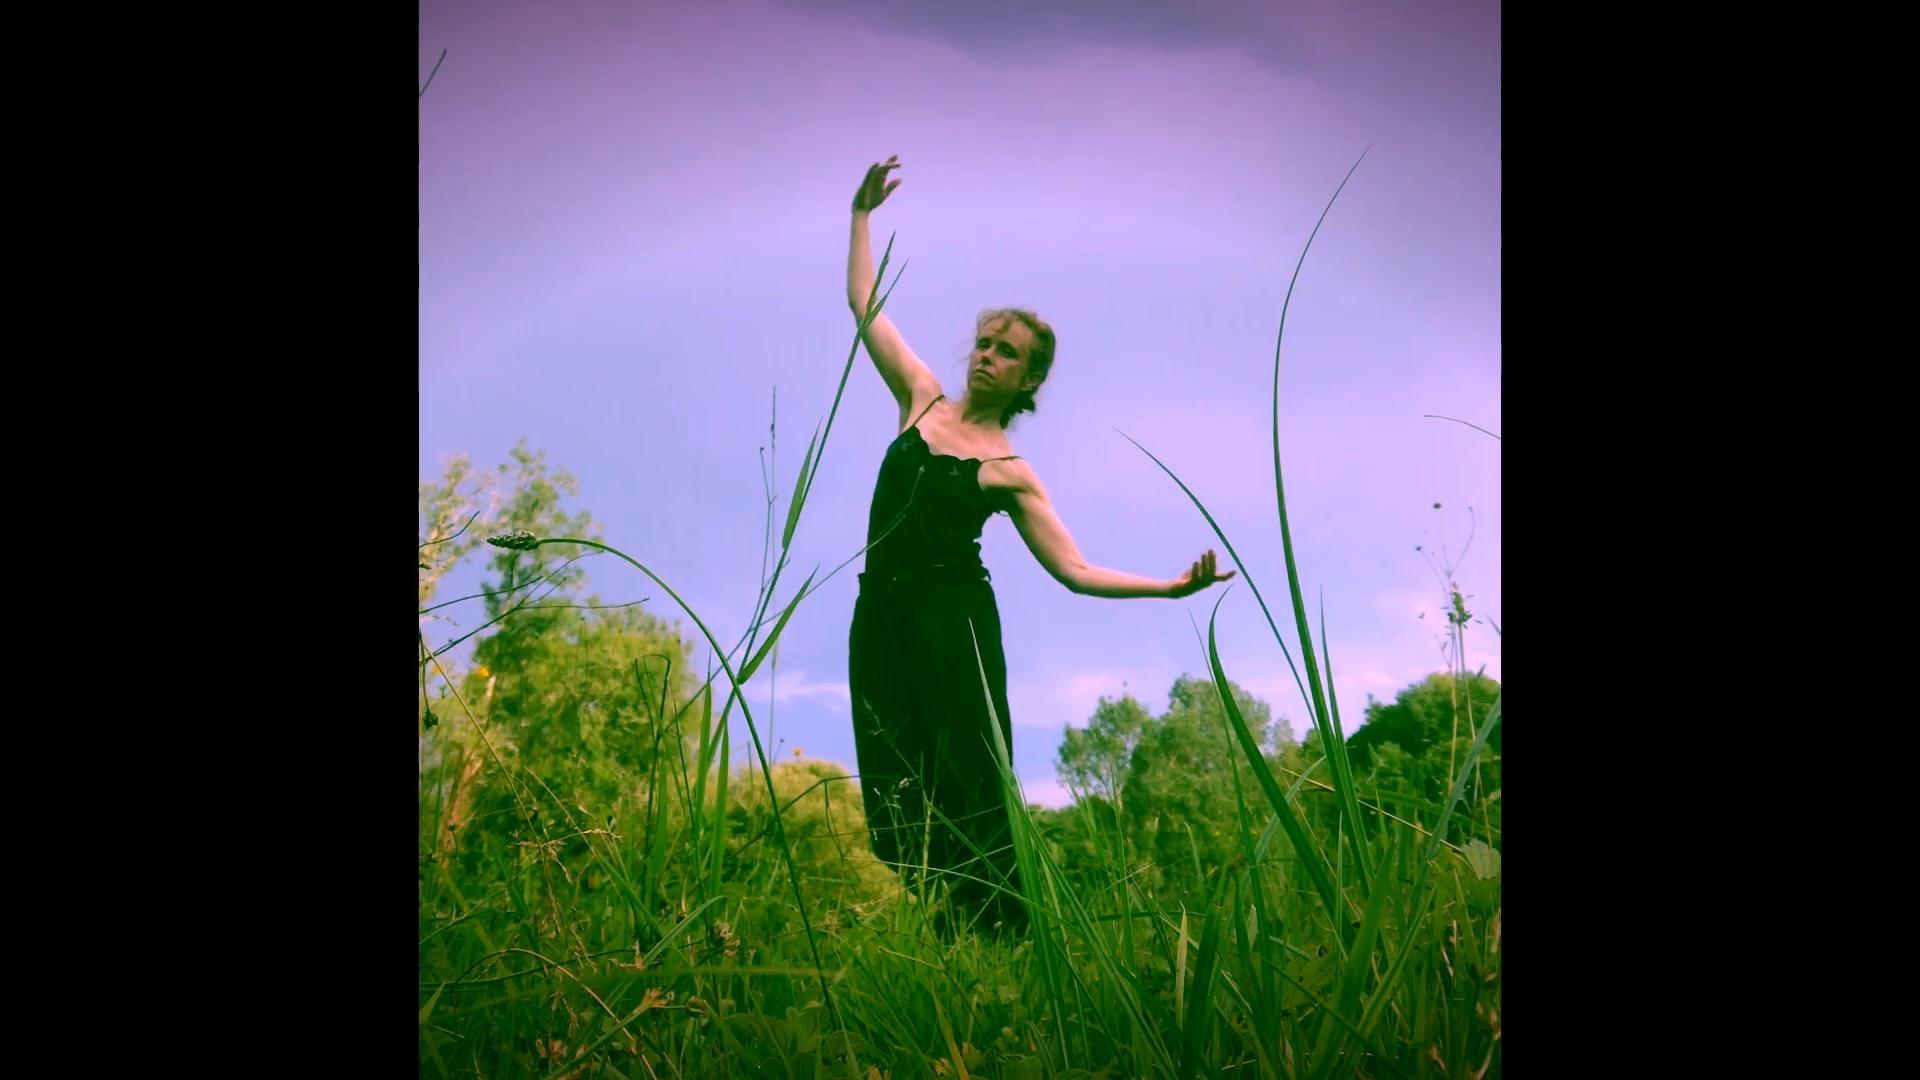 danse-covid19-poesie